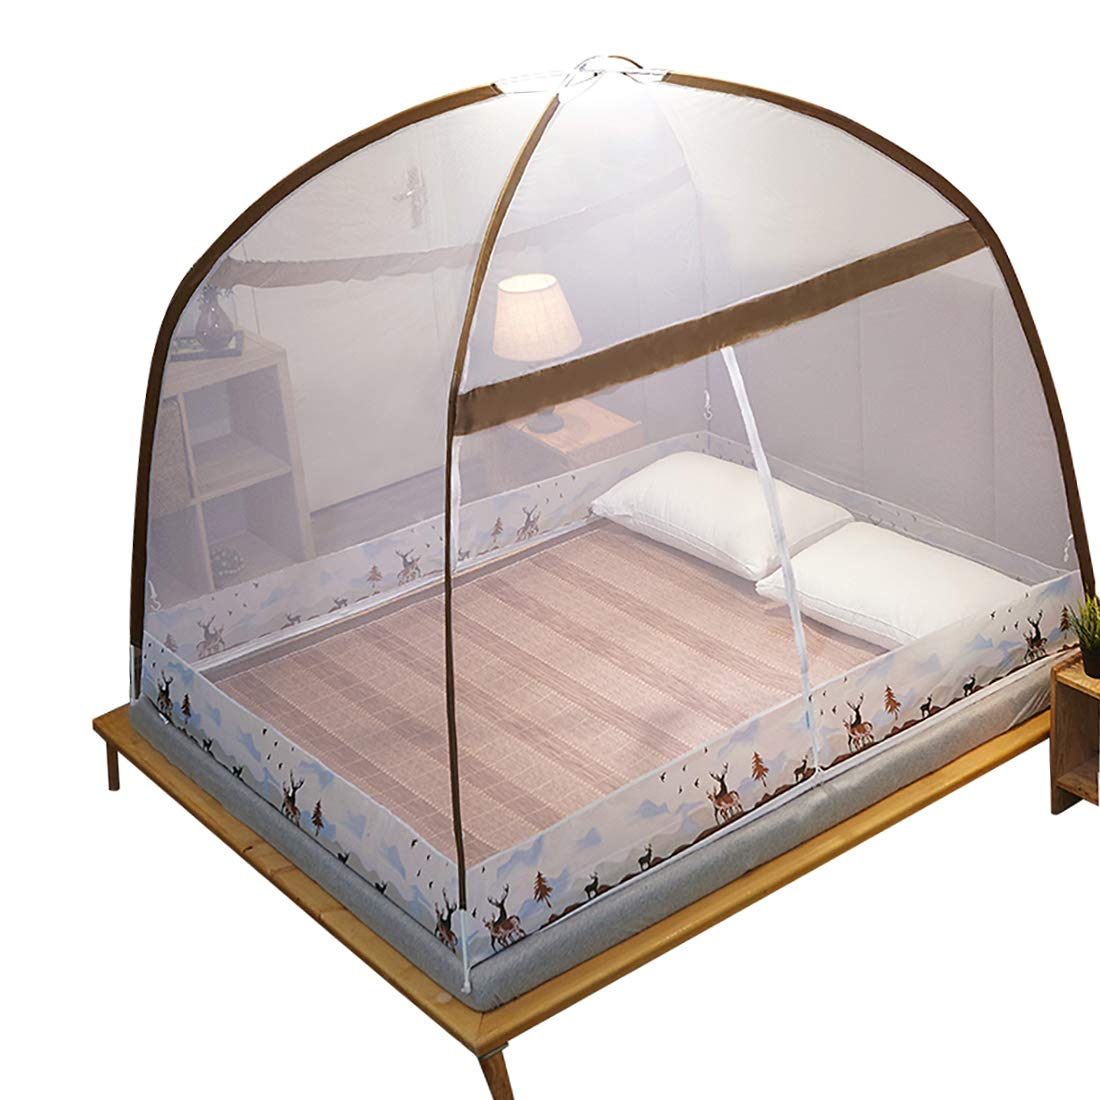 Fcyylight Net Moustiquaire Pliant Tendez pour Lit Maison Chambre Pique-Nique en Plein Air 2 Ouvertures